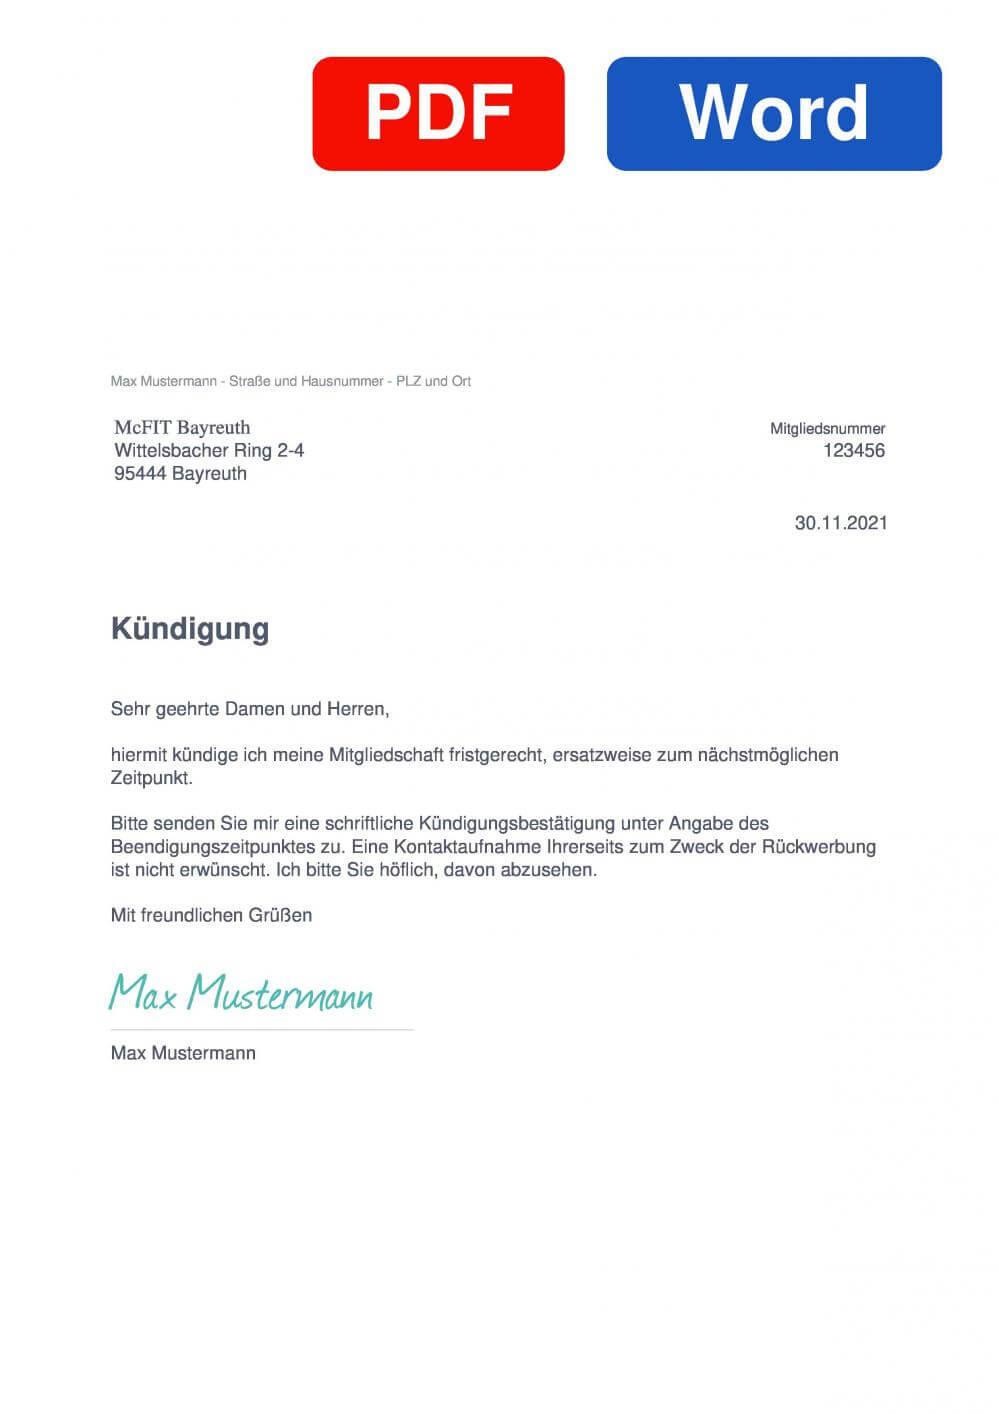 McFIT Bayreuth Muster Vorlage für Kündigungsschreiben